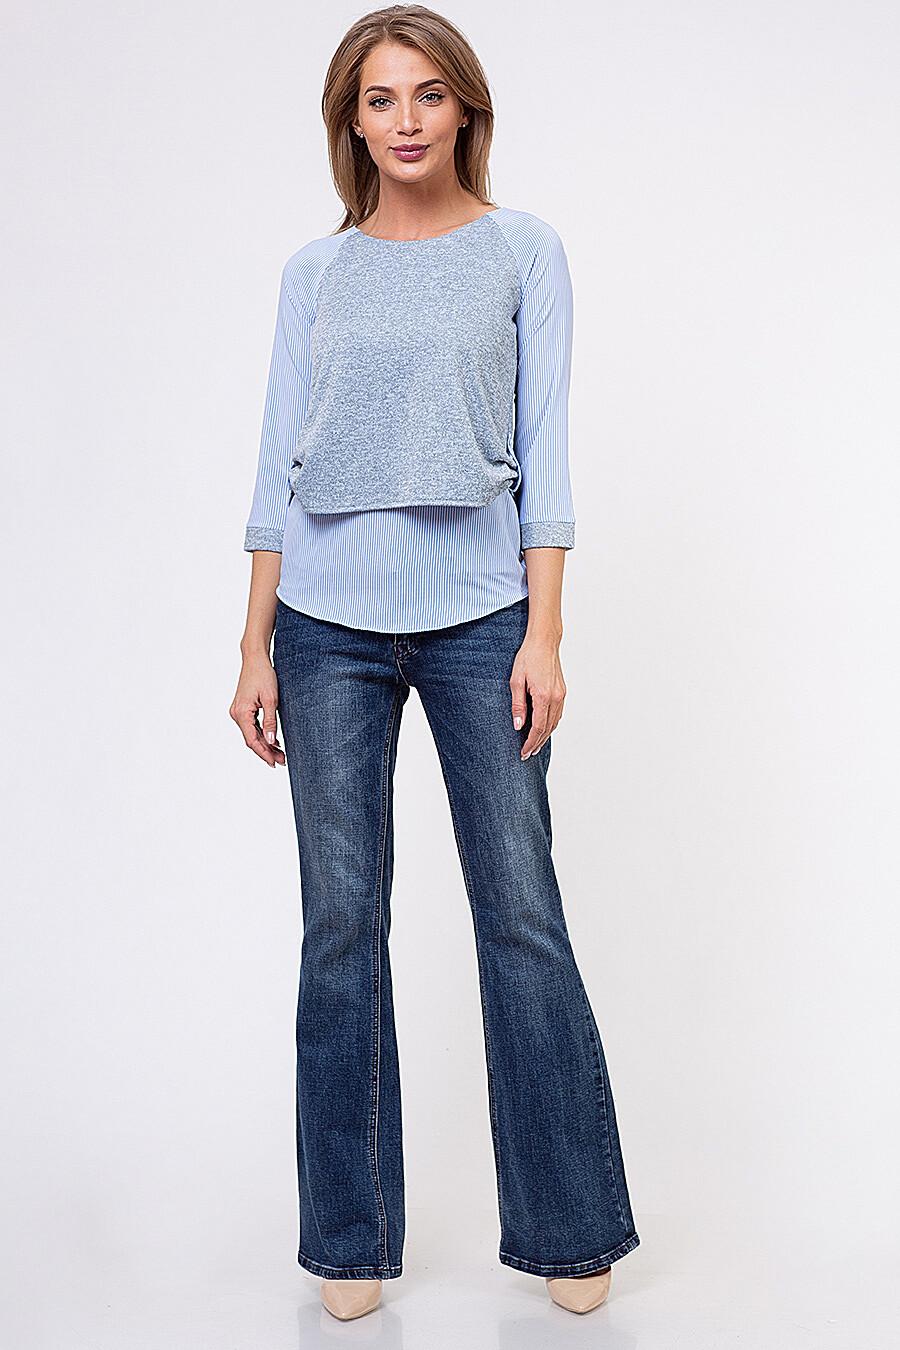 Блуза TuTachi (127401), купить в Moyo.moda